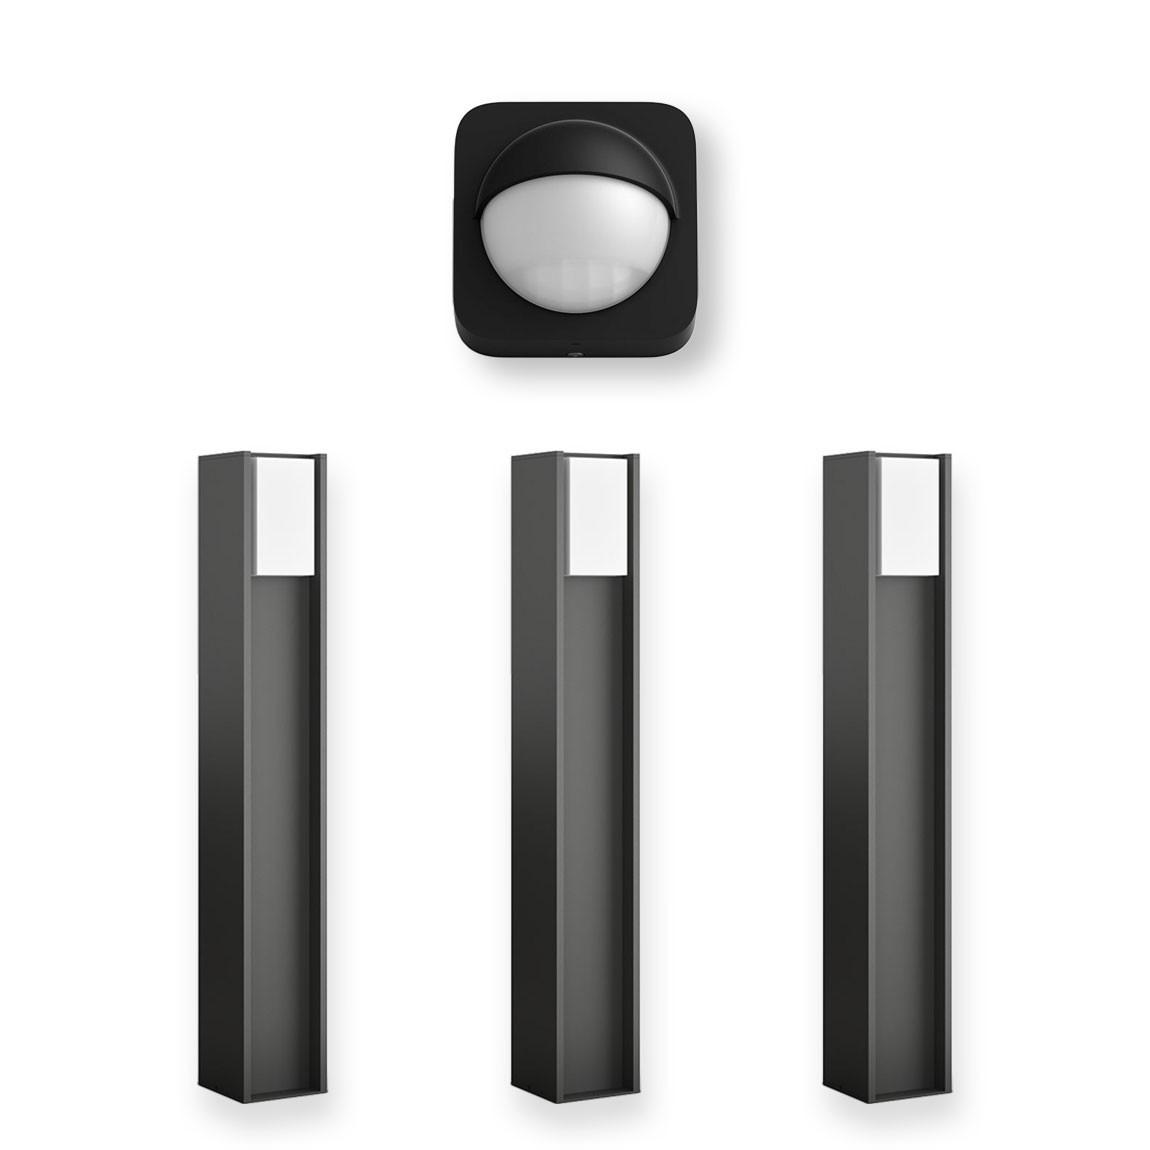 Philips Hue Turaco Wegeleuchten Dreierpack + Philips Hue Outdoor Sensor